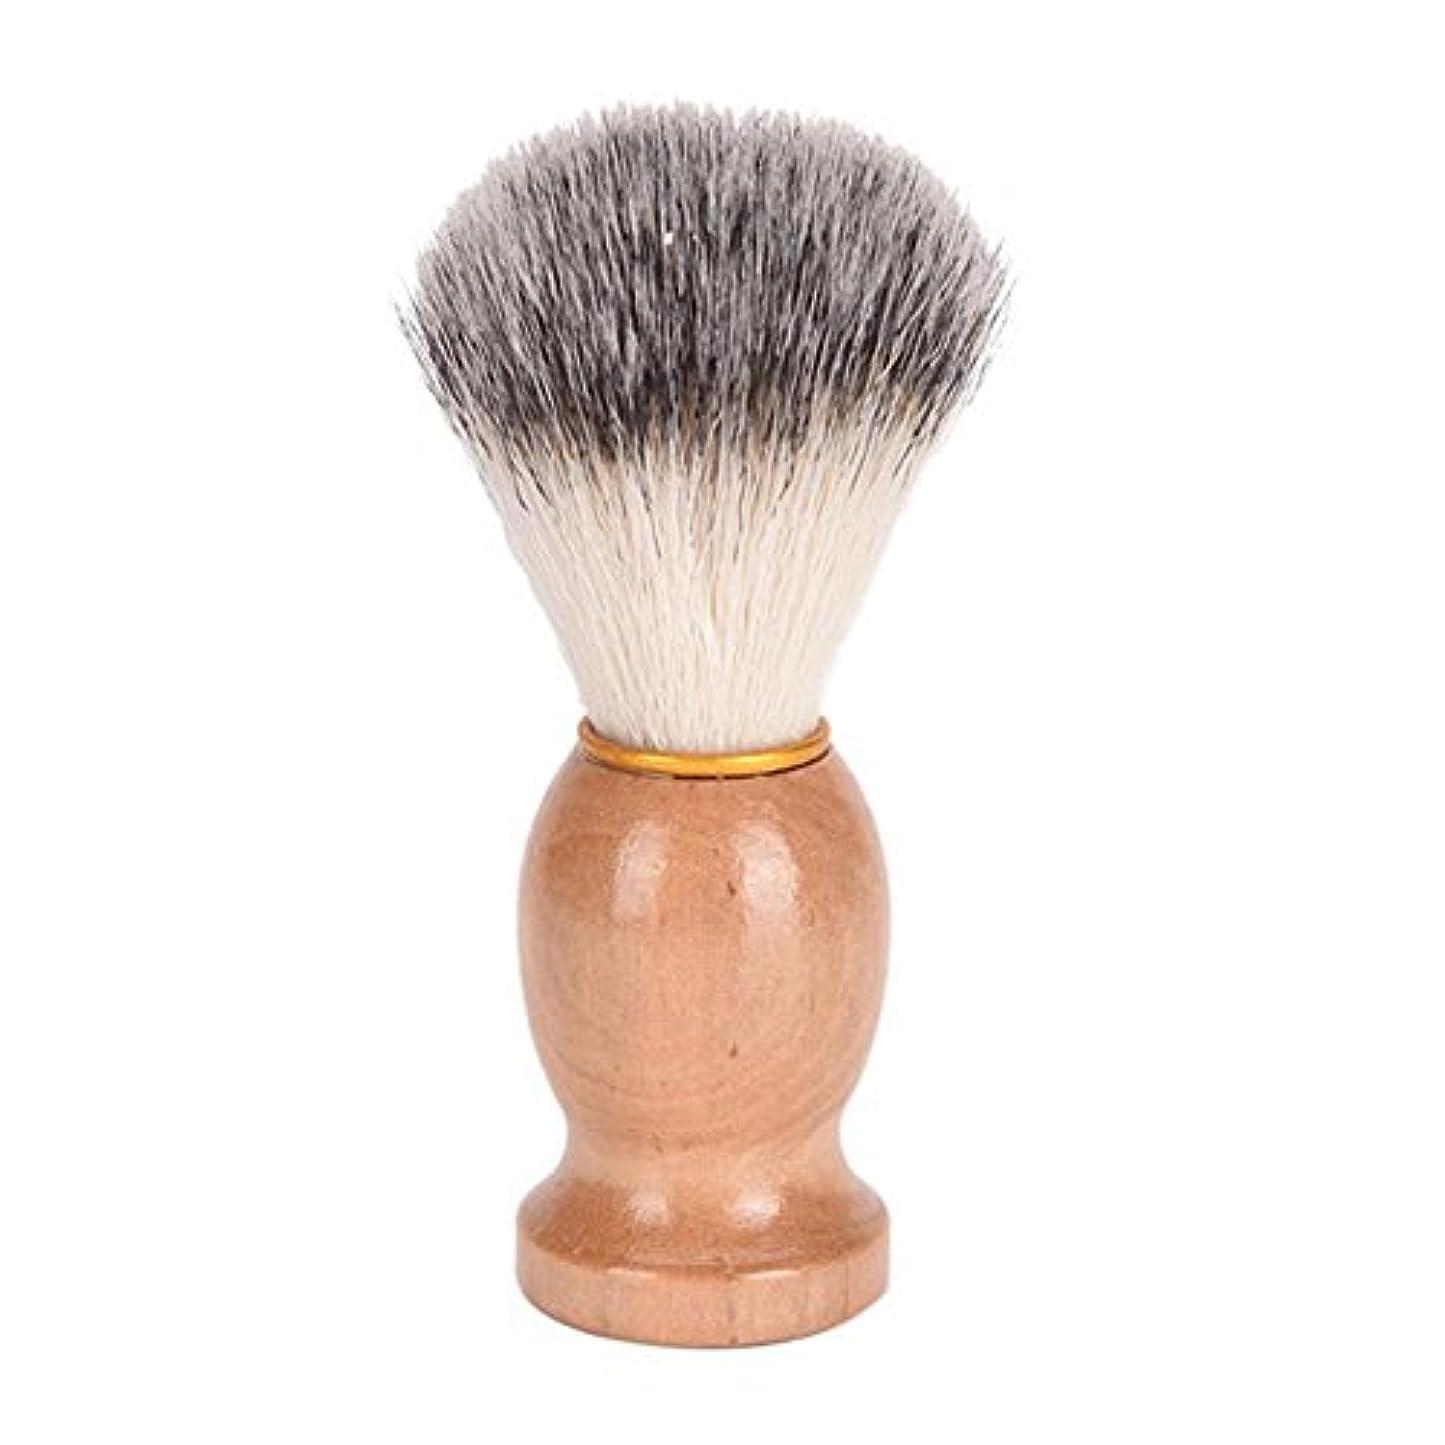 アスペクト騒乱線形ひげブラシ 髭ブラシ シェービング用アクセサリー メンズ用 髭剃り ブラシ シェービングブラシ 木製ハンドル 男性 ギフト理容 洗顔 髭剃り